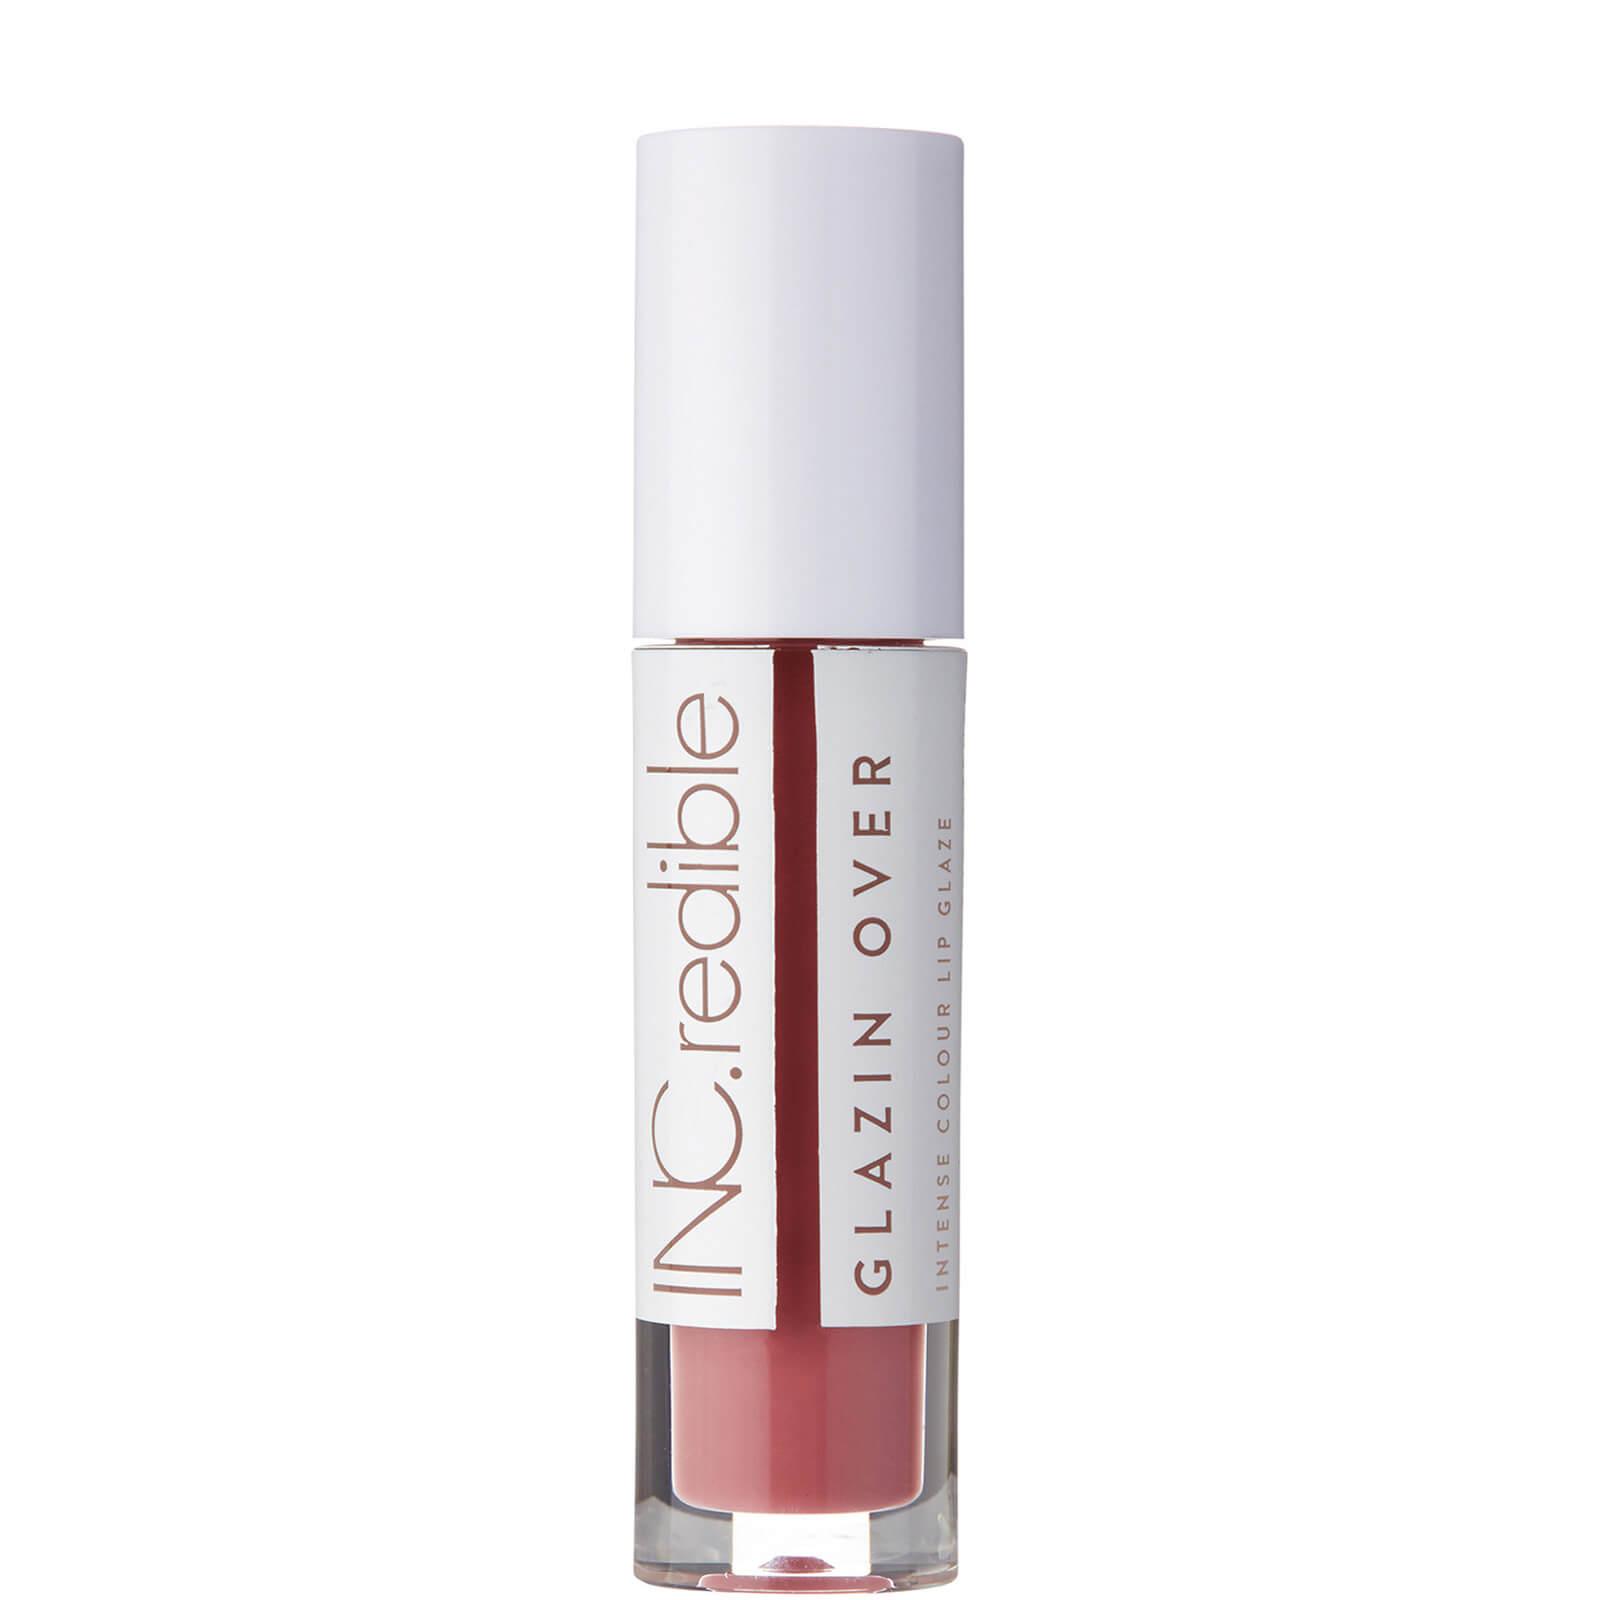 INC.redible Glazin Over Lip Glaze - More Love Less Likes